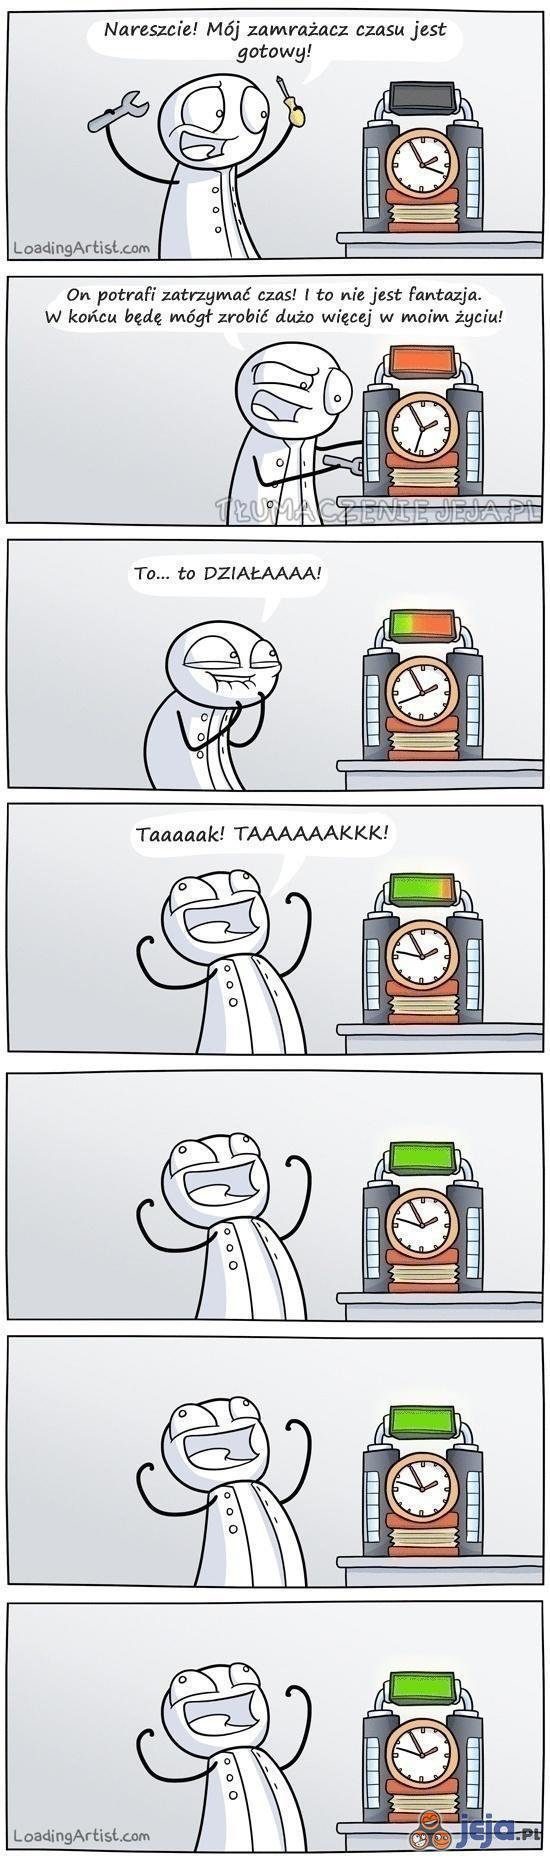 Zamrażacz czasu